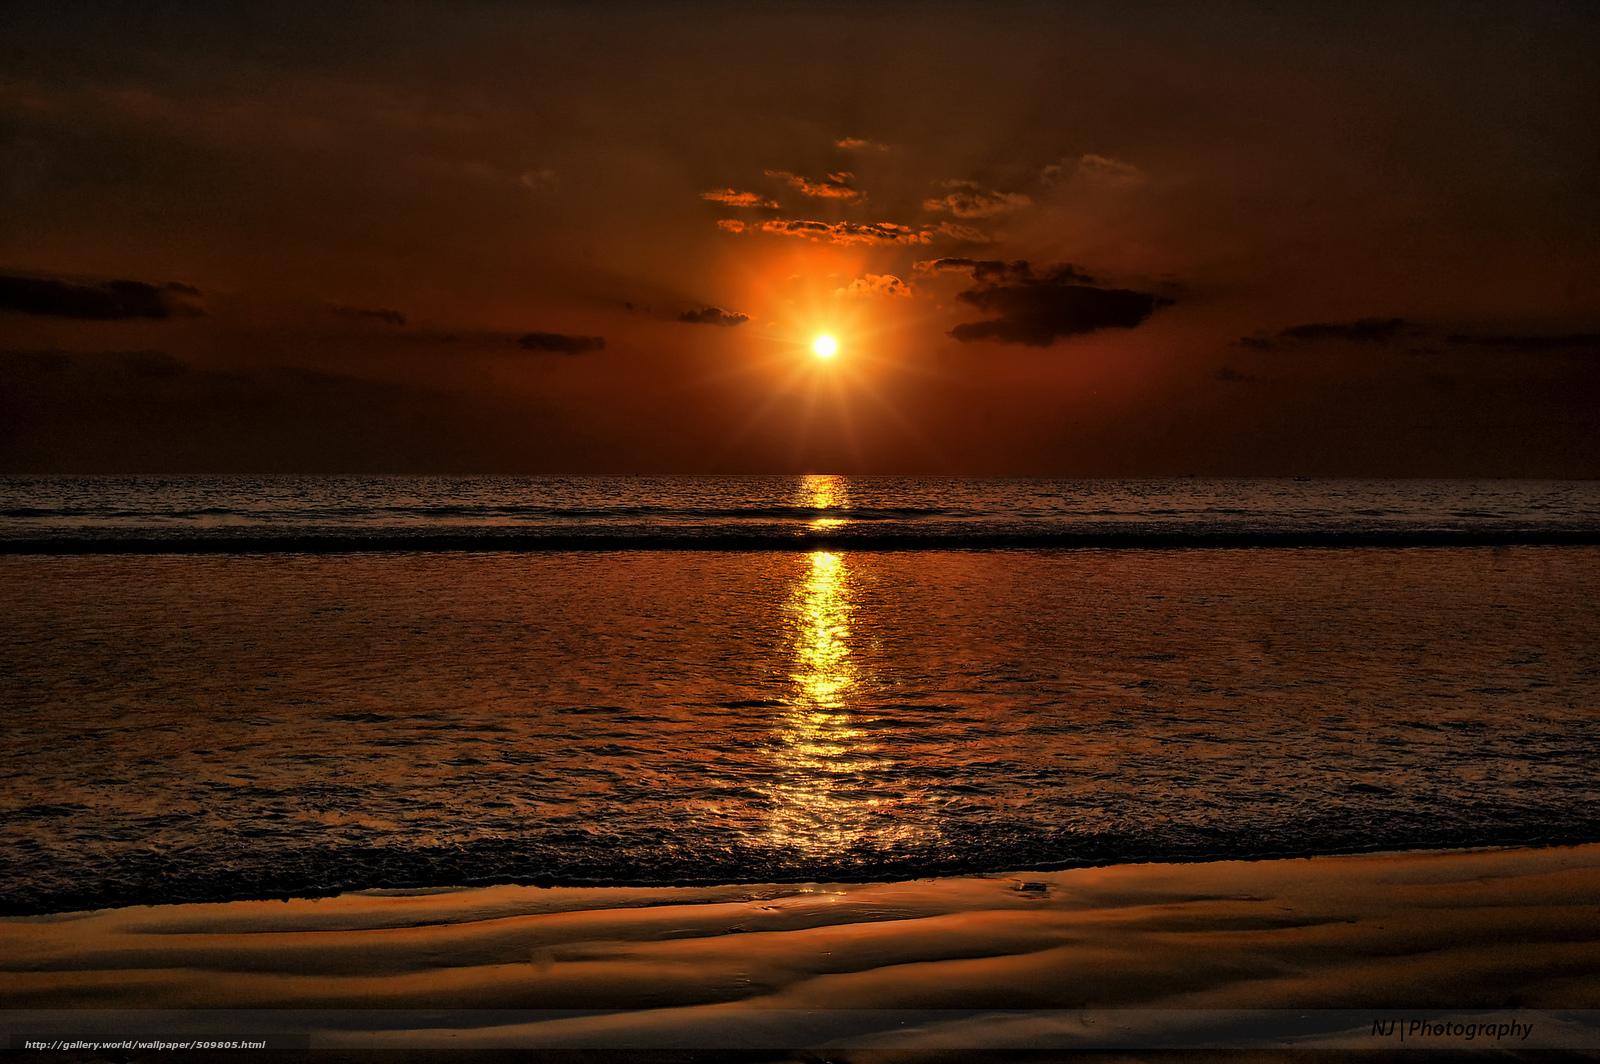 tlcharger fond d 39 ecran mer plage soleil coucher du soleil fonds d 39 ecran gratuits pour votre. Black Bedroom Furniture Sets. Home Design Ideas